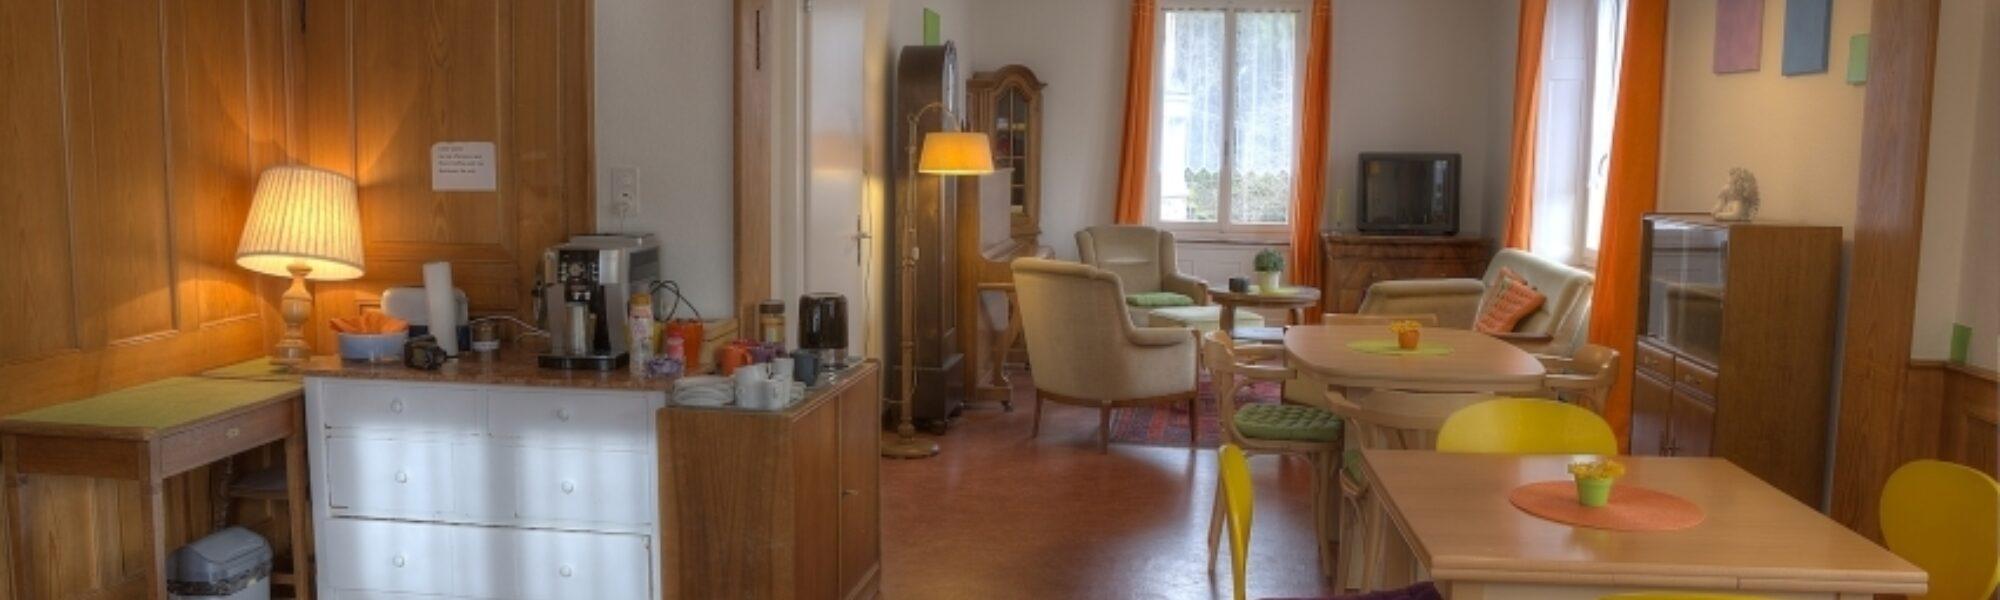 Gästehaus Aarau